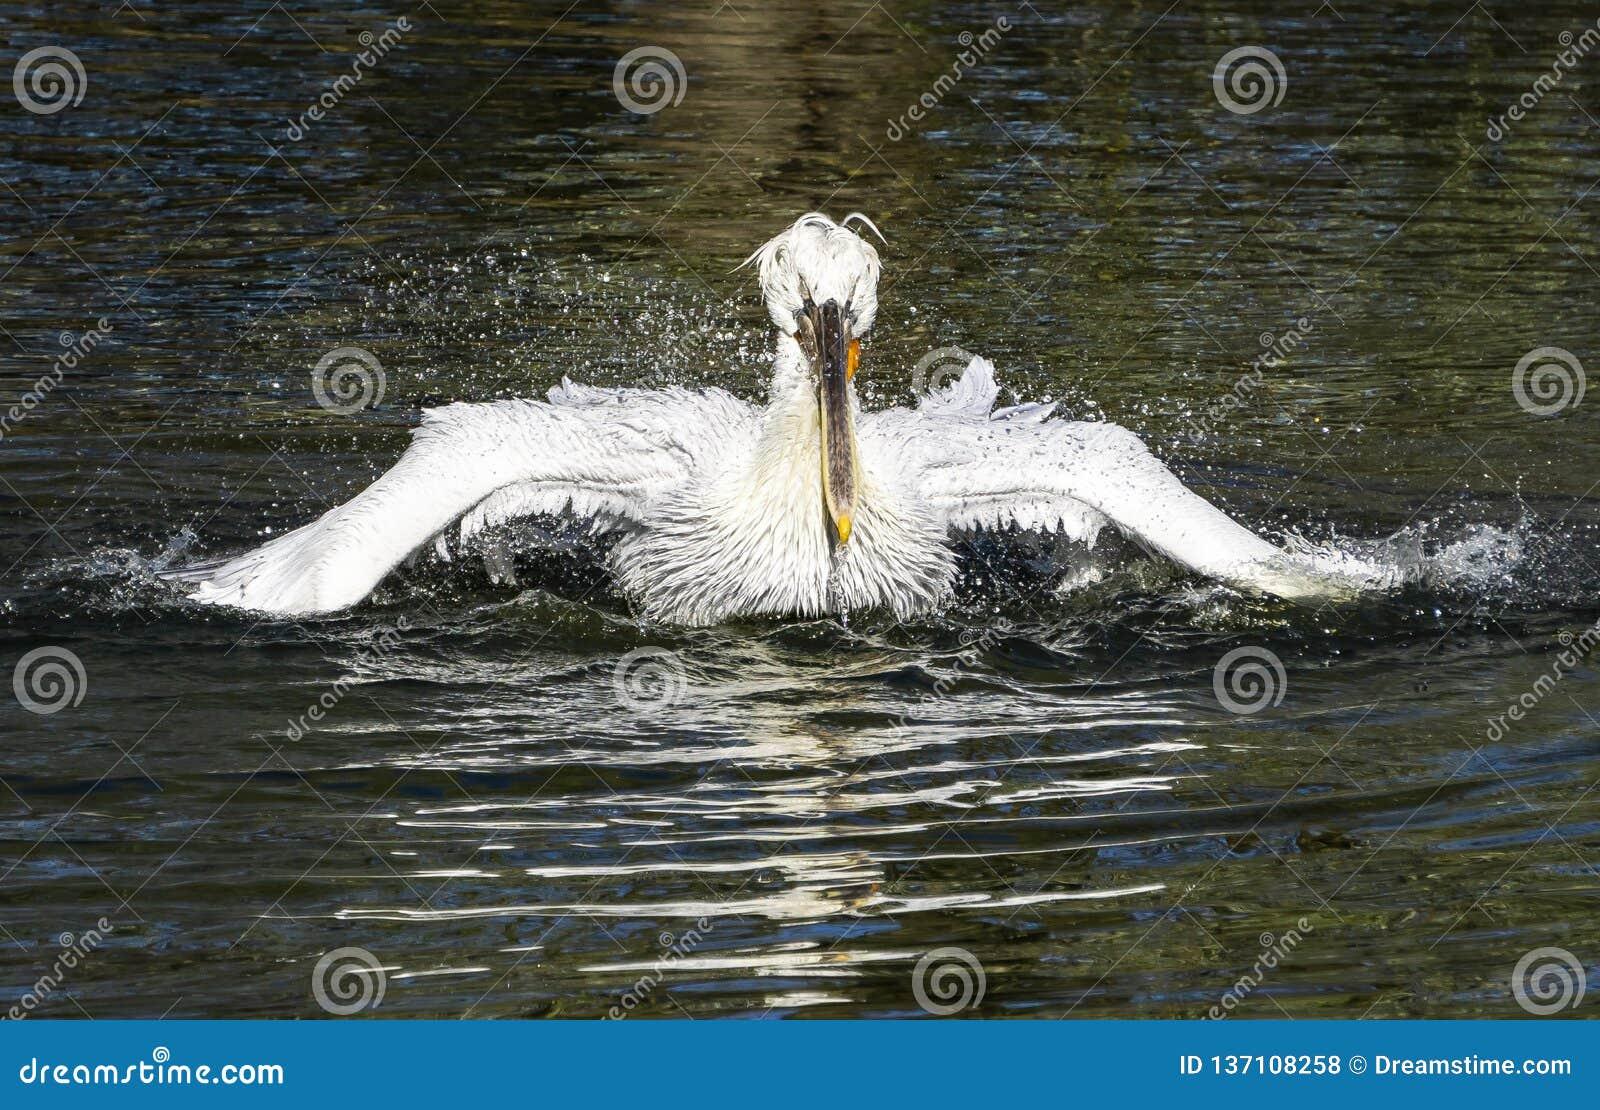 Ο άσπρος πελεκάνος καθαρίζει τα φτερά